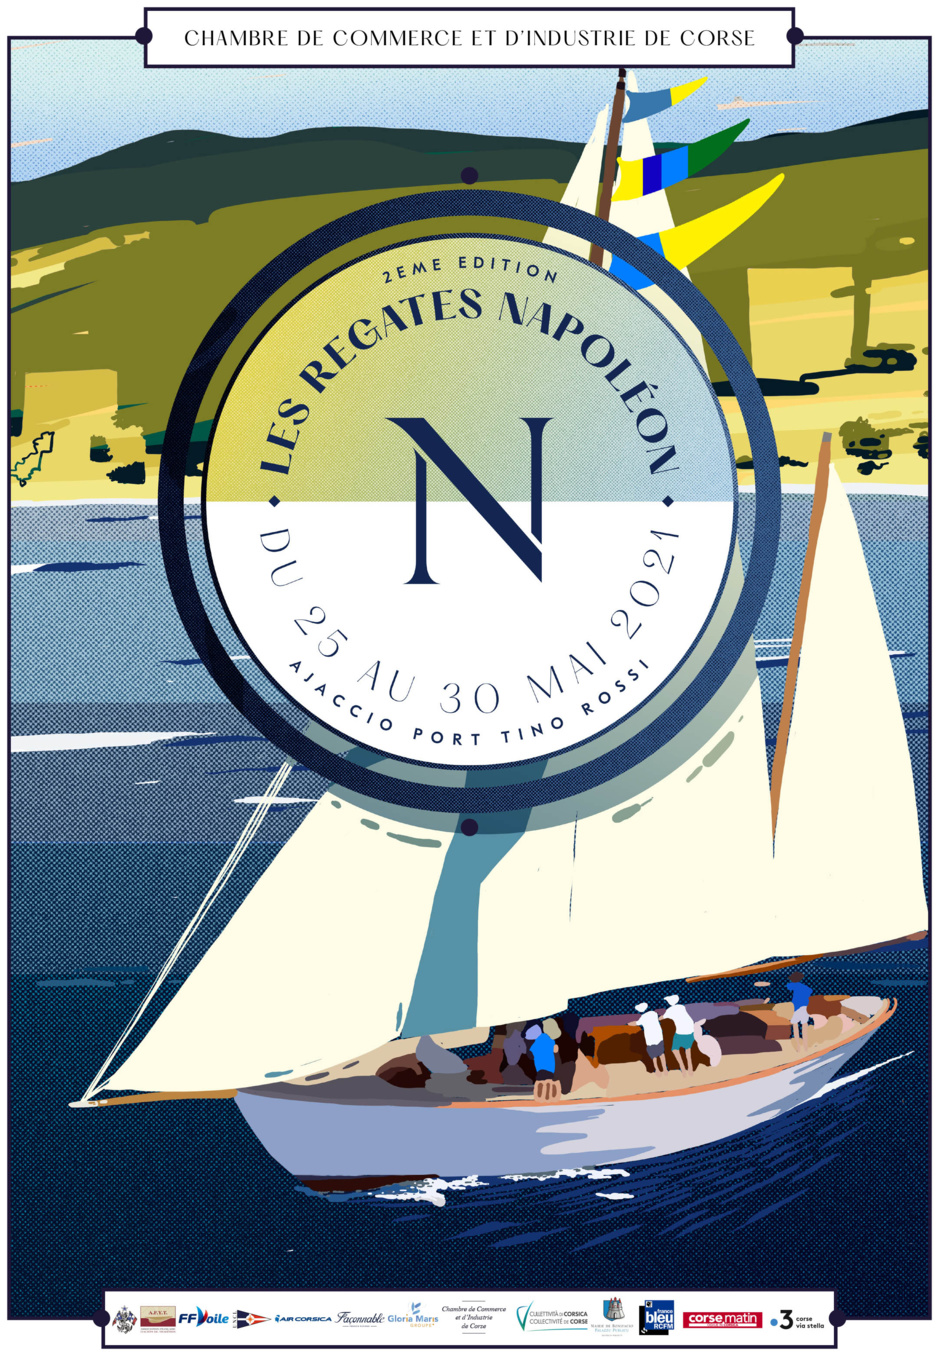 Affiche Régates Napoléon 25 au 30 mai Ajaccio SY Hygie design Seb Lyky photo JP Pyrée DR